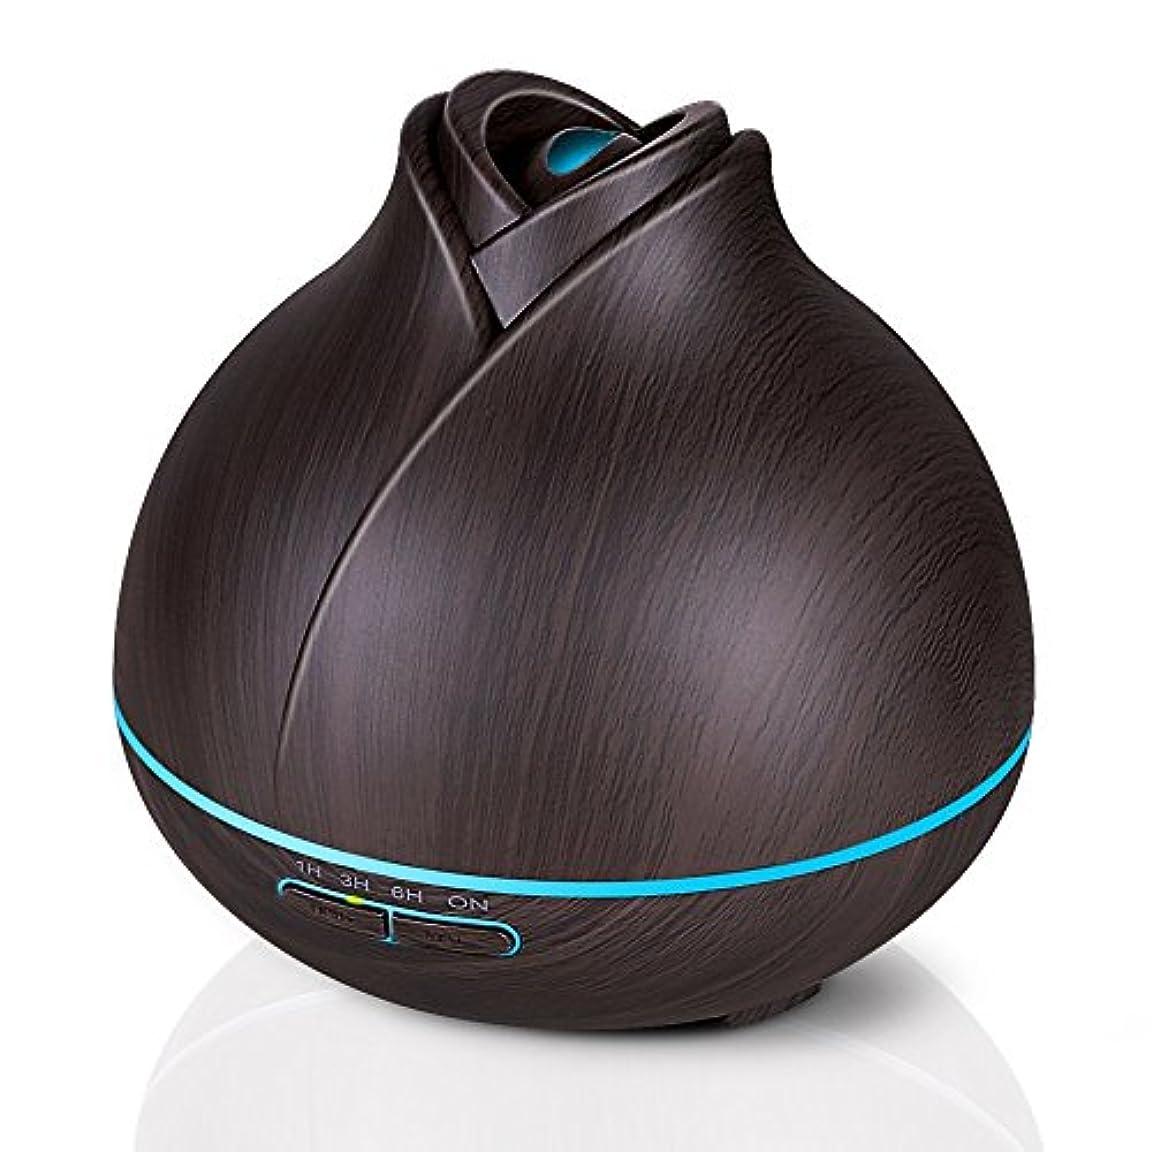 400ミリリットル木目調アロマセラピーディフューザーエッセンシャルオイル用2ミストモード4タイマー設定、静かな加湿器用寝室、ホーム、オフィス,deepgrain